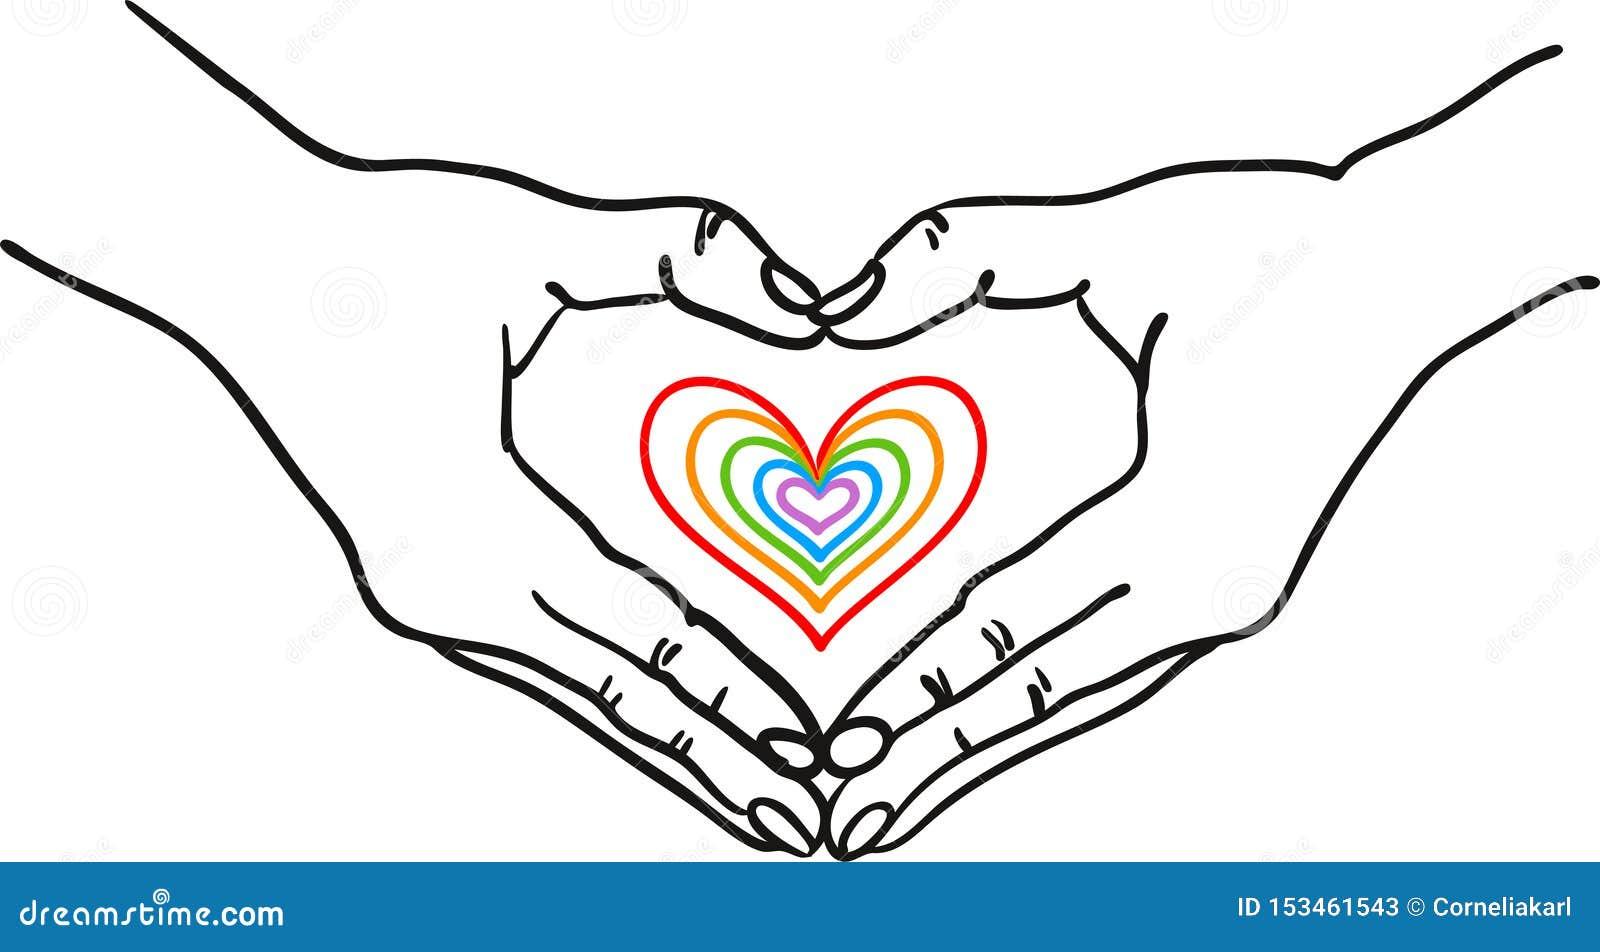 Handen die hartvorm vormen rond een kleurrijk romantisch hart - overhandig getrokken vectorillustratie - Geschikt voor Valentine,